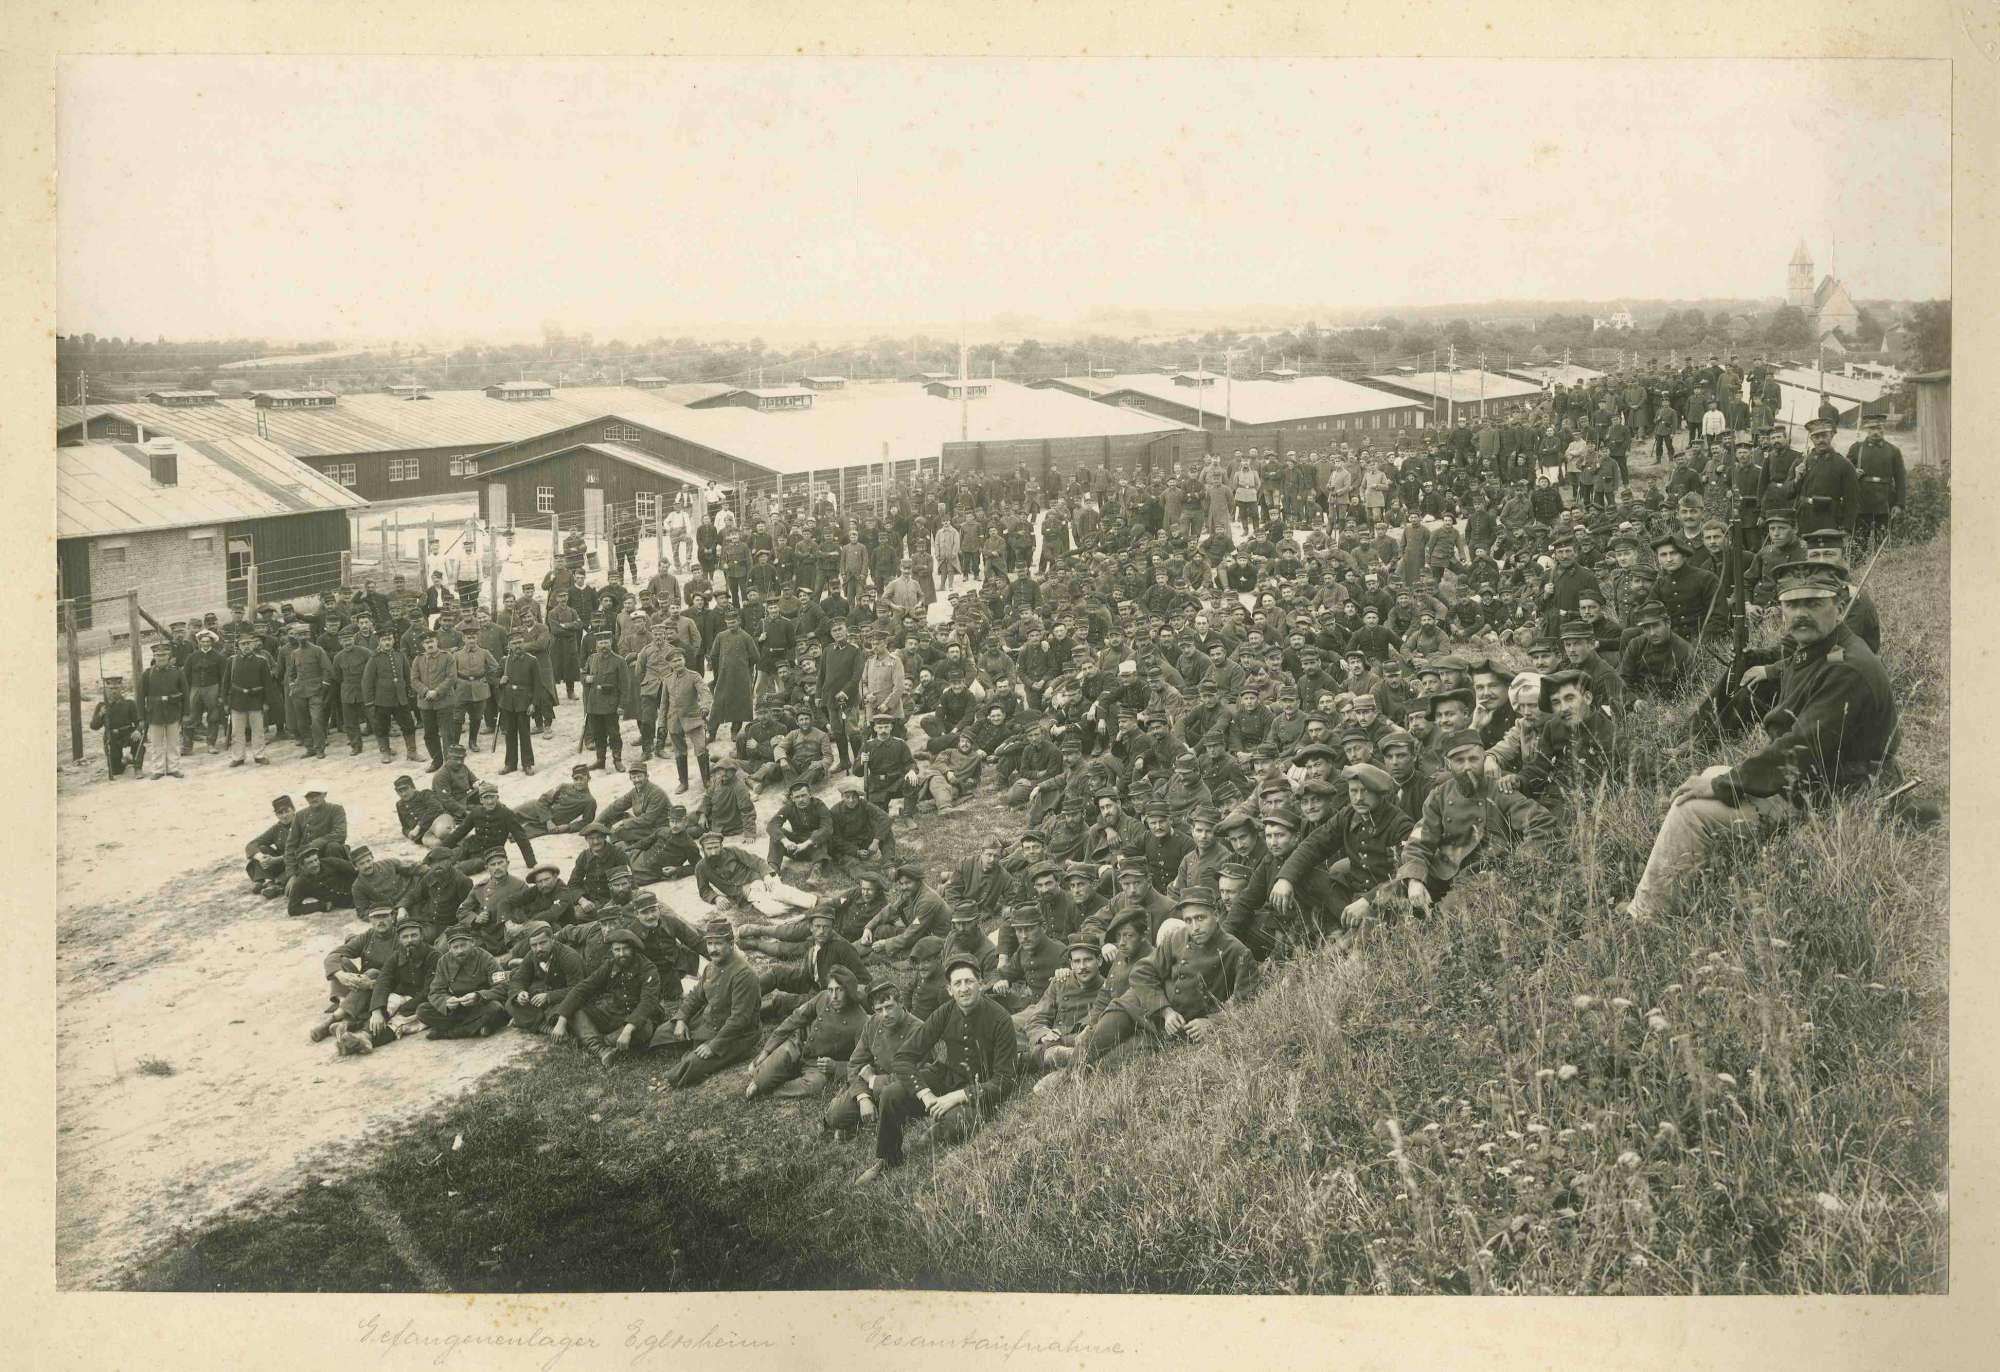 Teilansicht des Kriegsgefangenenlagers Ludwigsburg-Eglosheim mit Versammlung der Kriegsgefangenen, teils stehend, teils sitzend, Wachhabende, im Hintergrund rechts oben Kirche, Bild 1